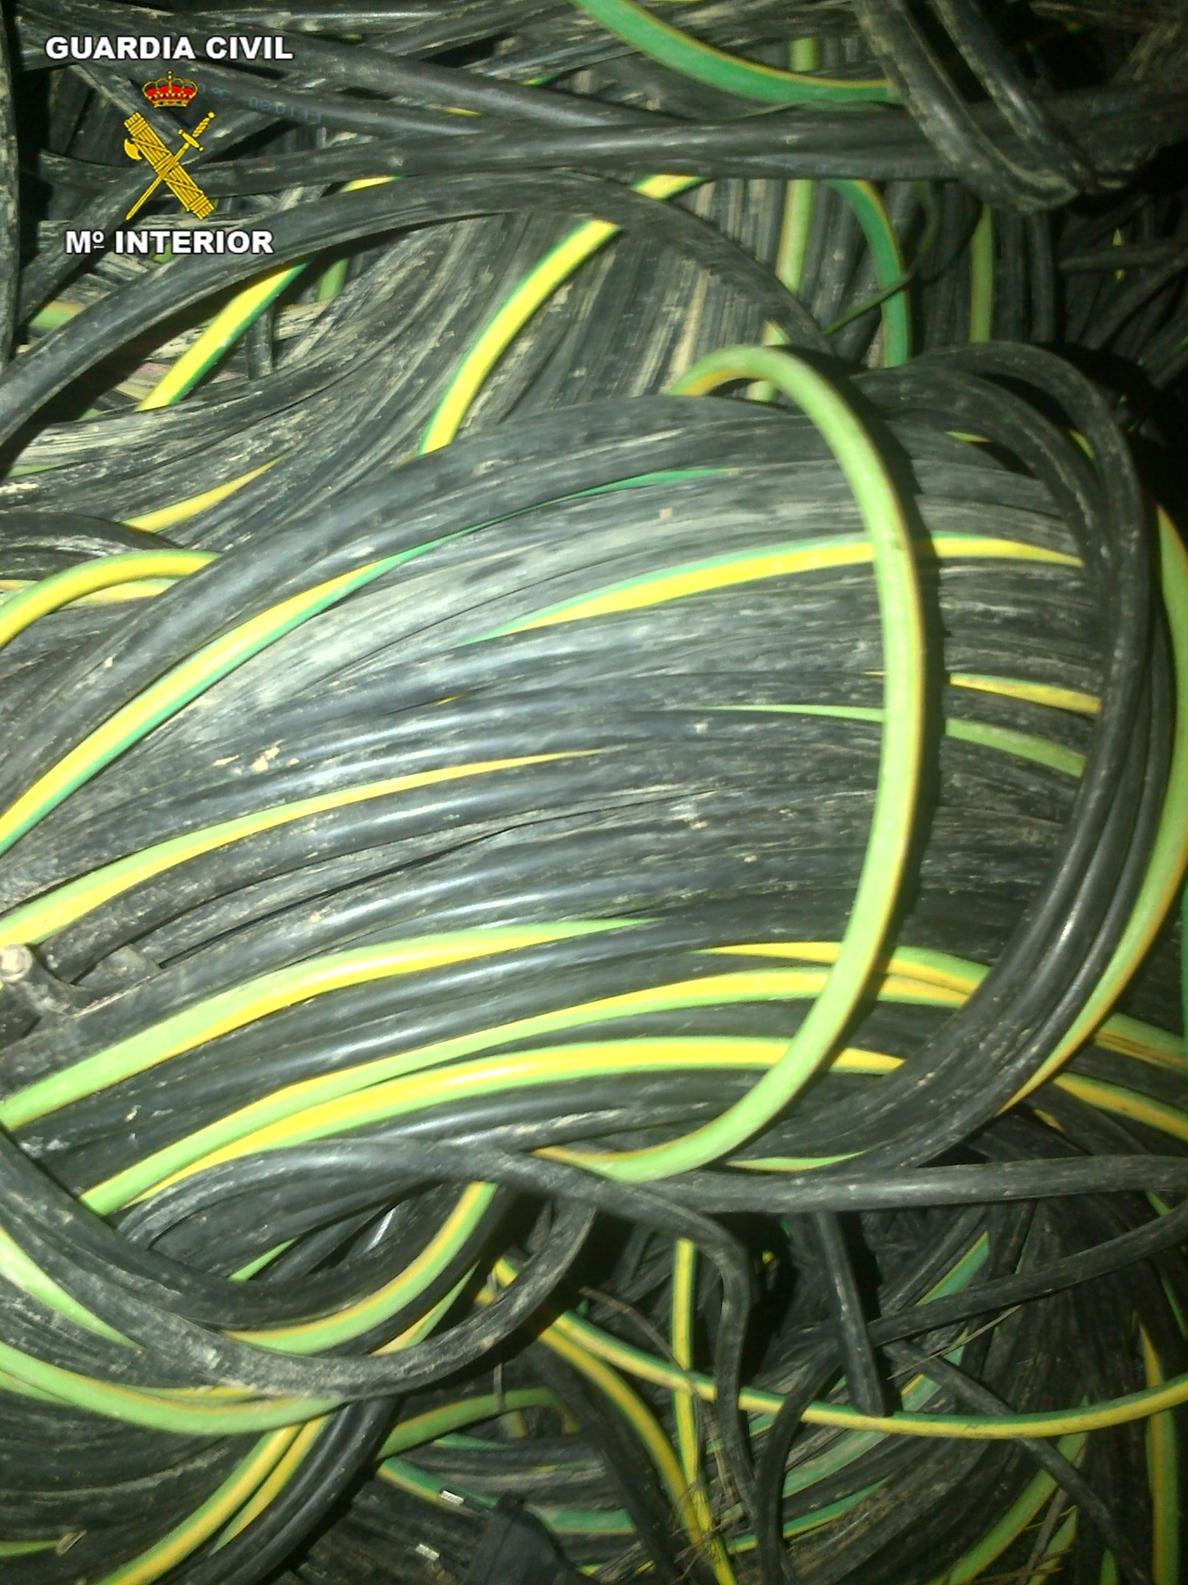 Detenidas dos personas por robar 2.300 metros de cable del alumbrado público de Coria y Palomares